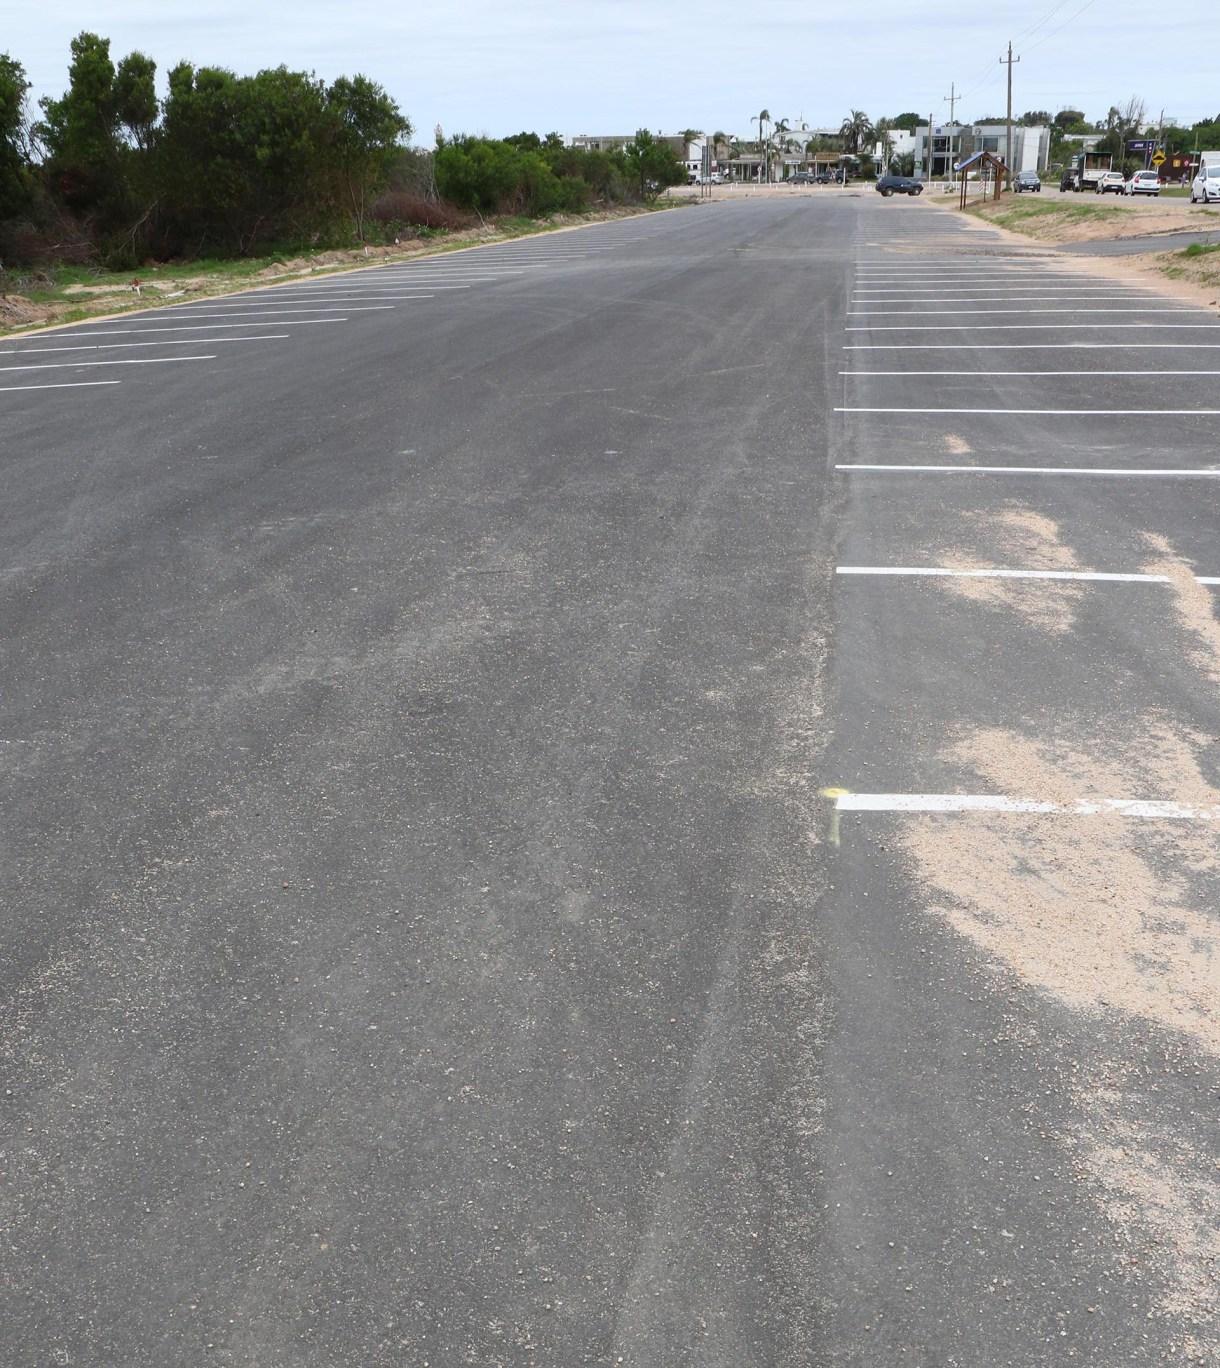 El estacionamiento se terminó de pavimentar en diciembre tras dos meses de obra. Según Diego Machado, integrante de la Liga de Fomento, la construcción atraviesa su primera etapa (Fotos Matías Souto)